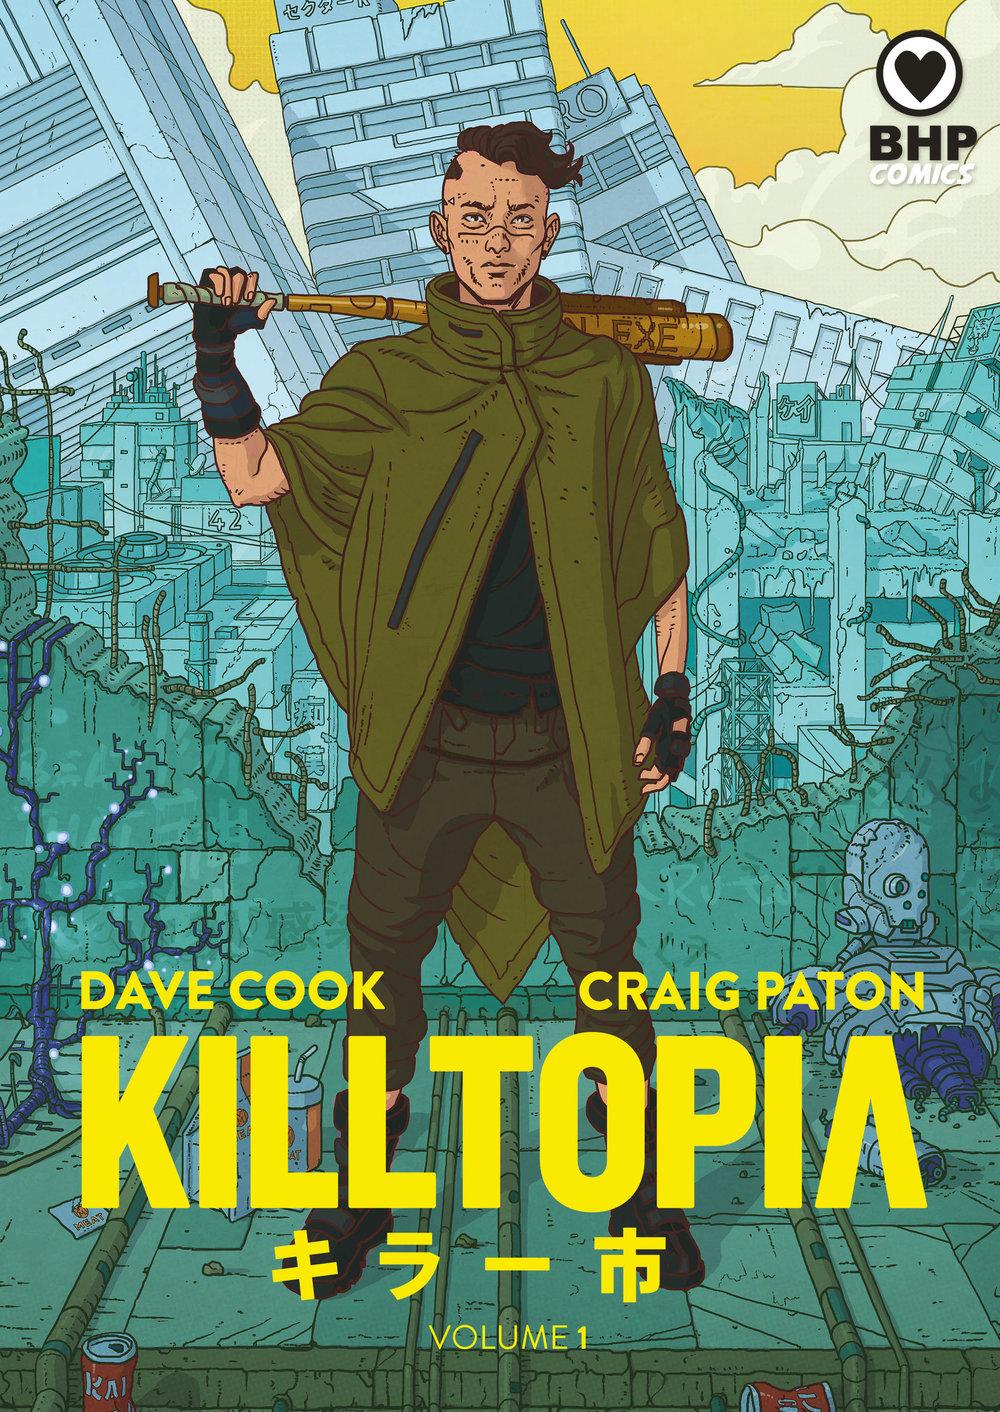 killtopia_Cover.jpg